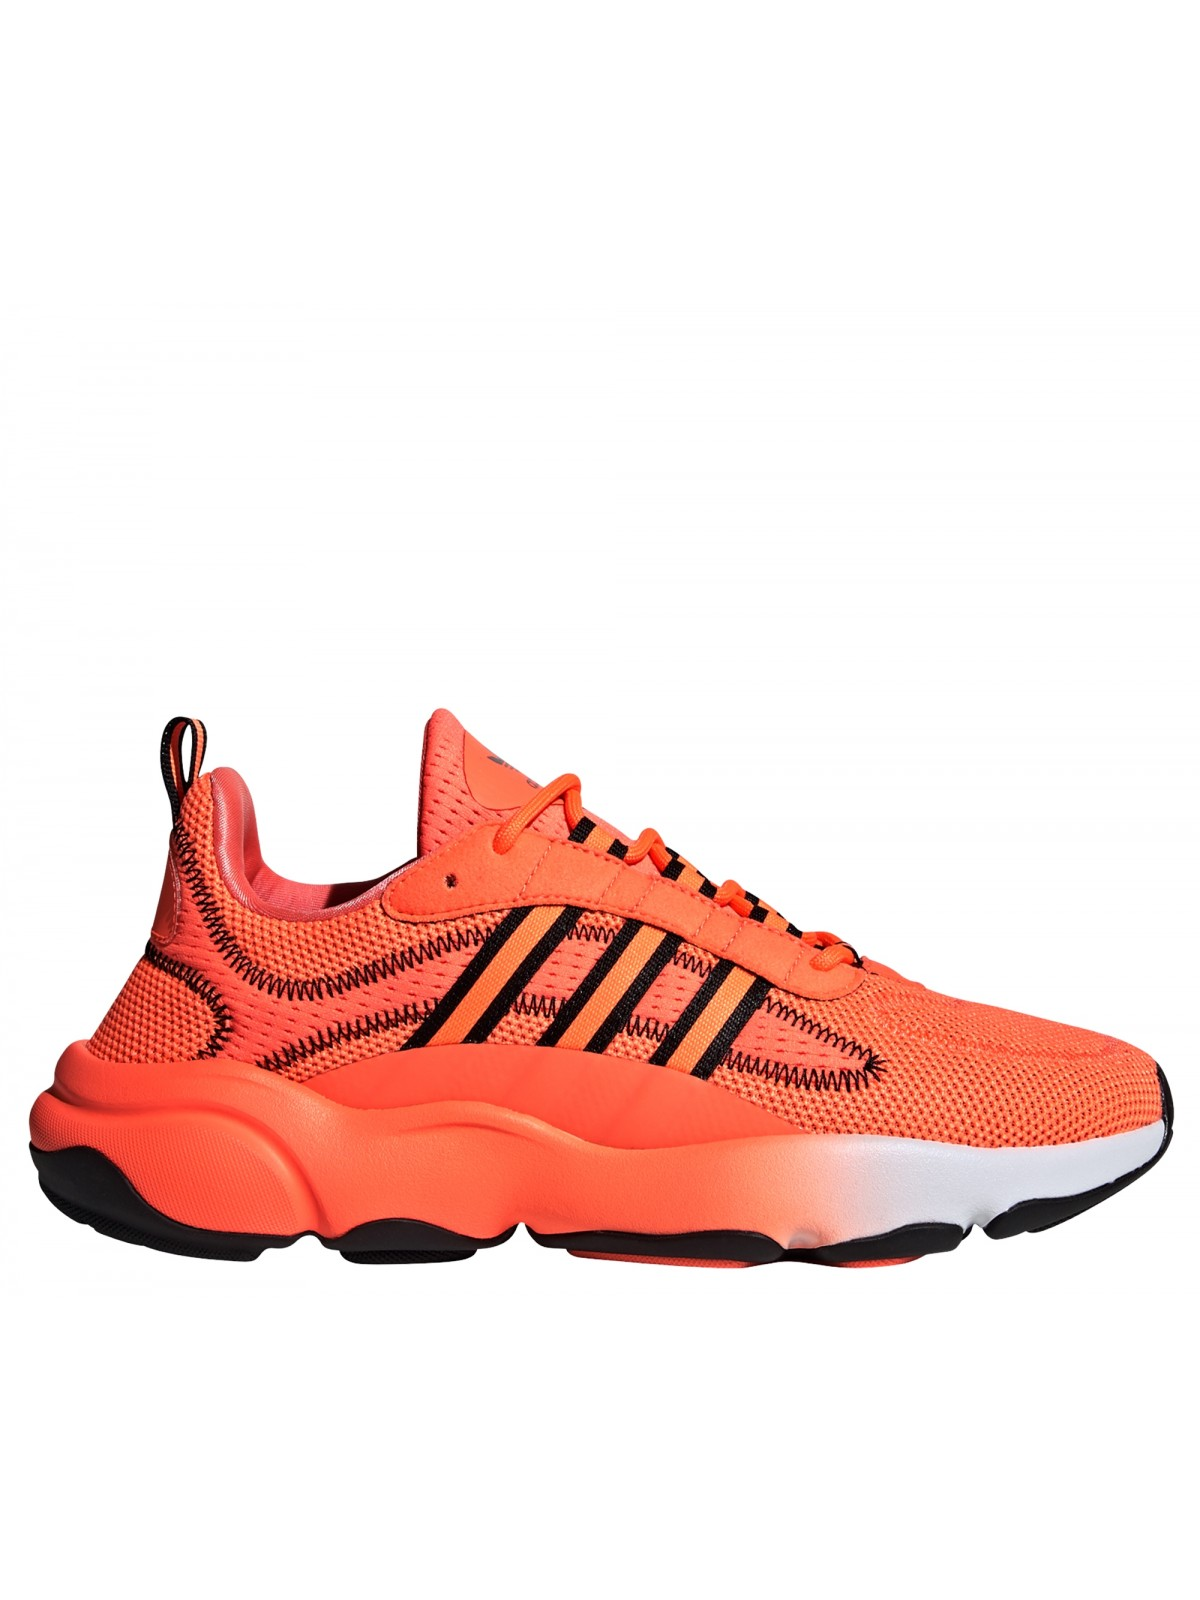 ADIDAS Haiwee orange